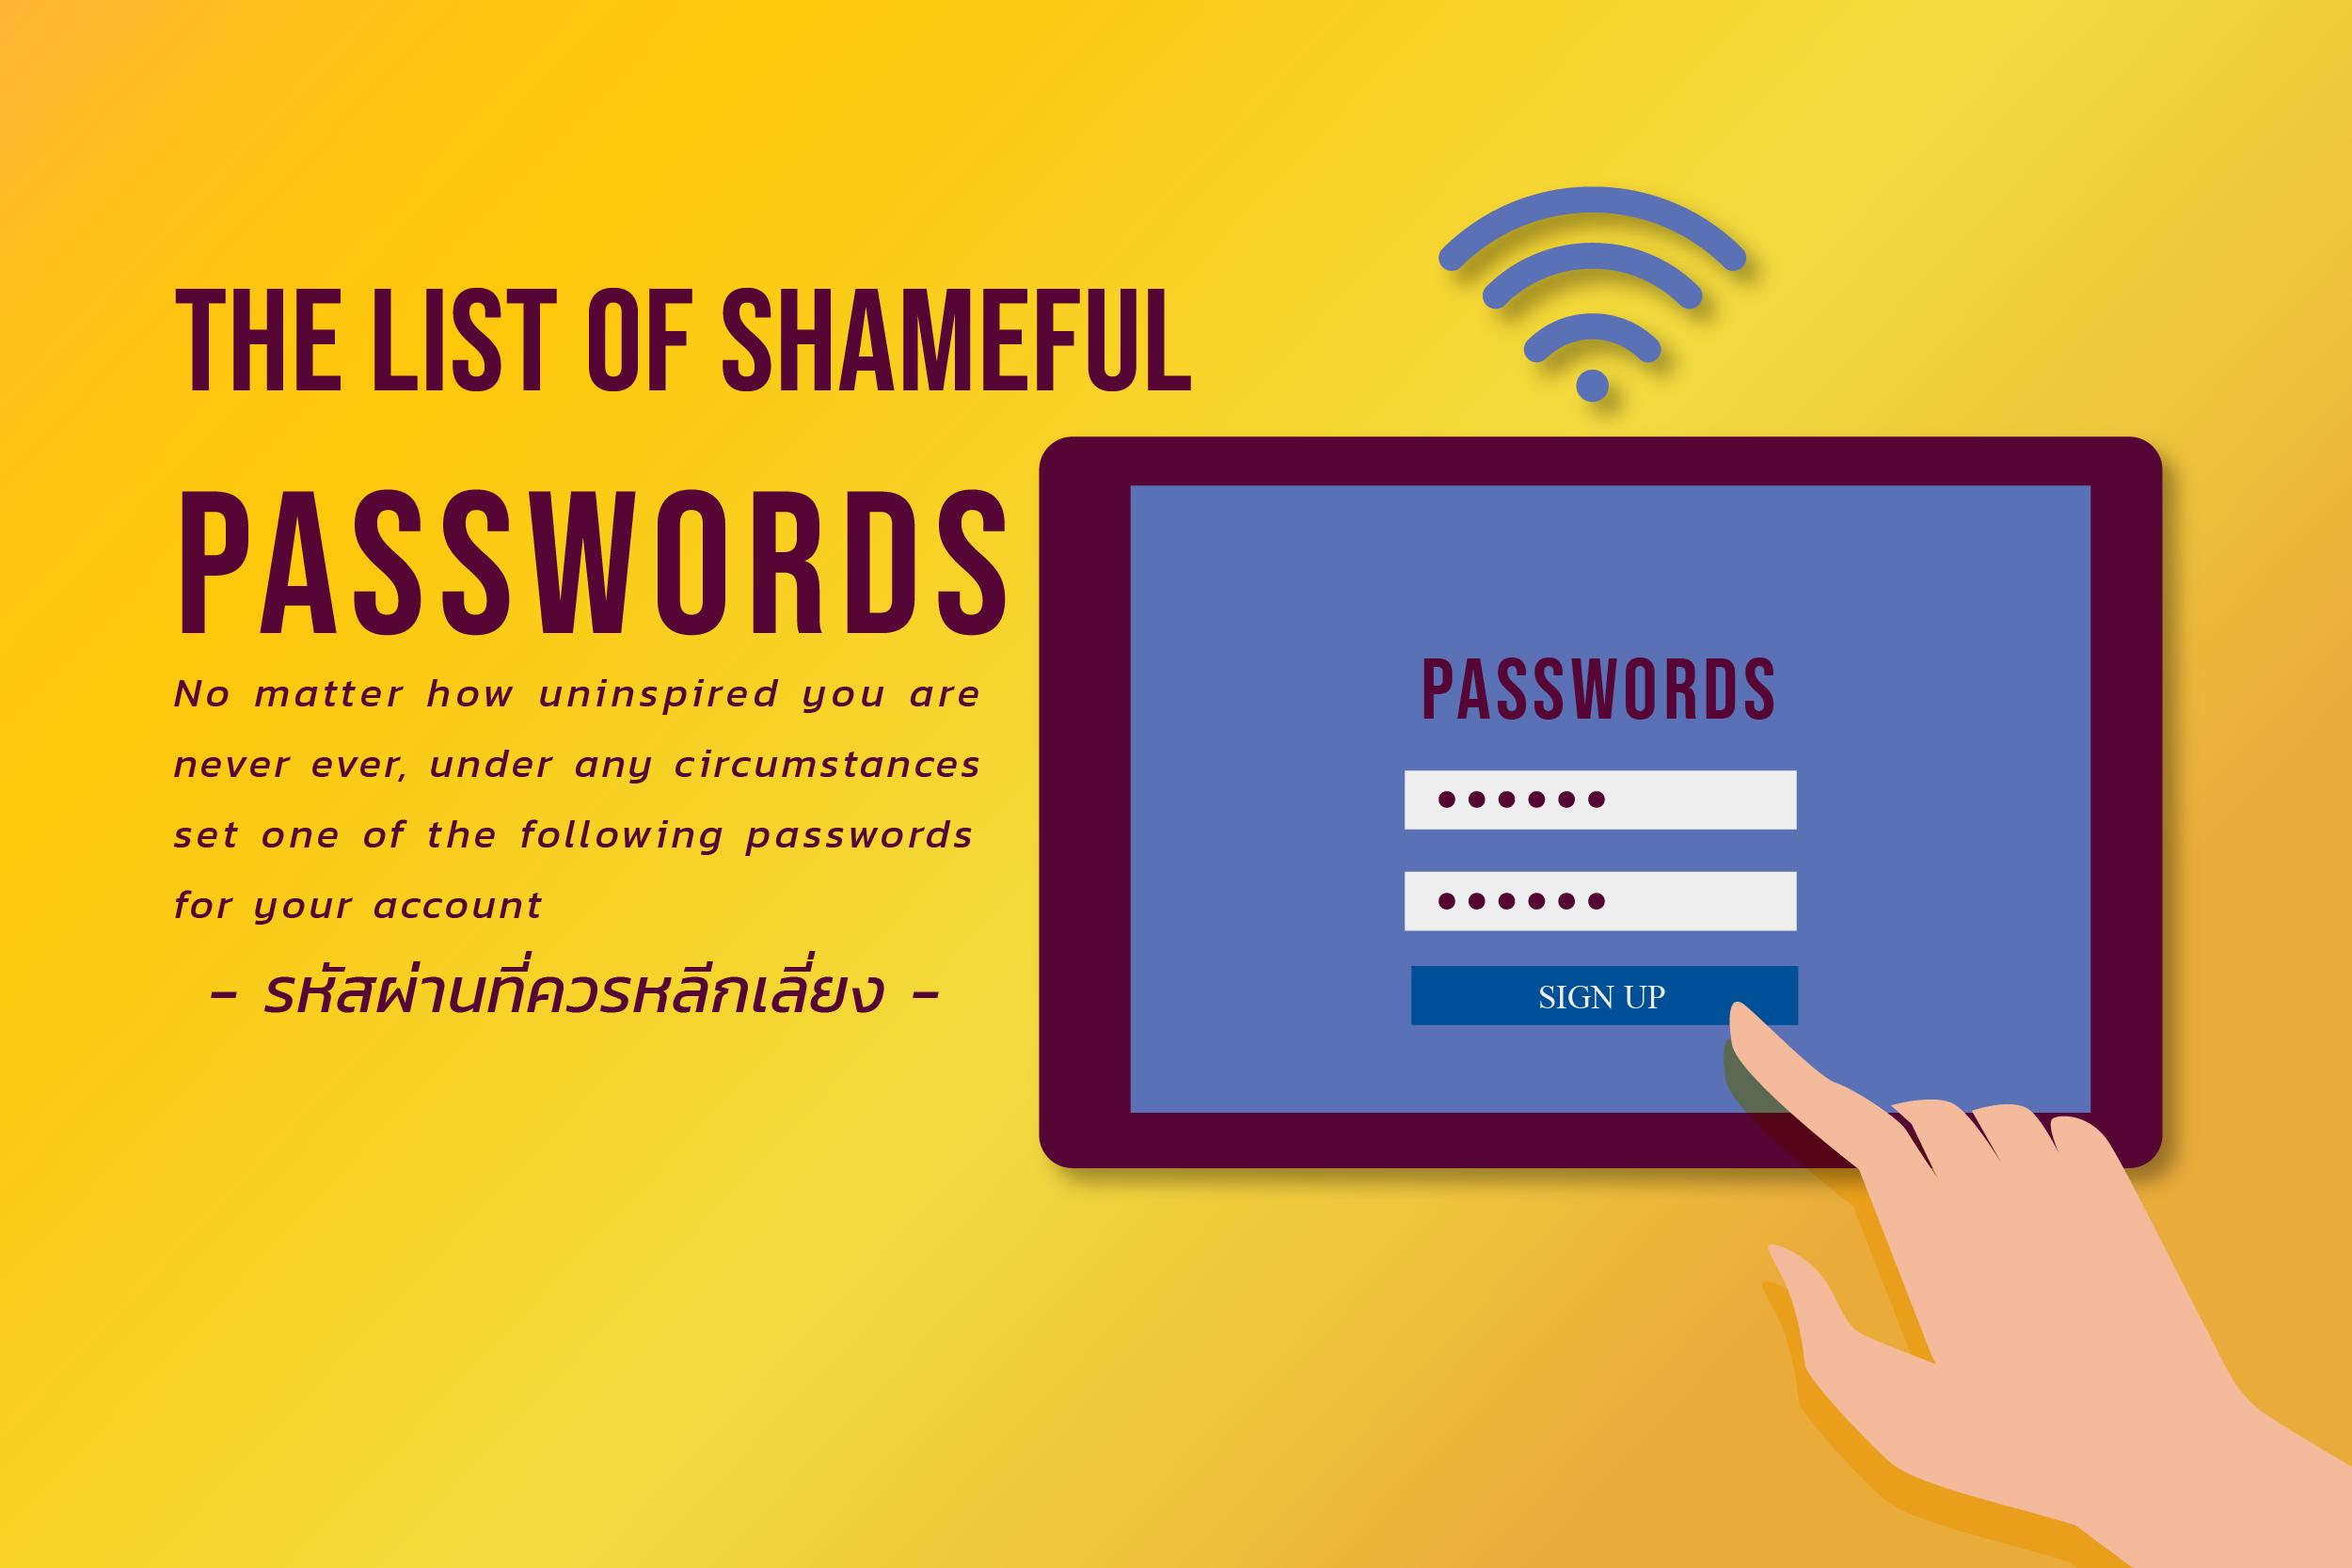 รหัสผ่านที่ควรหลีกเลี่ยง